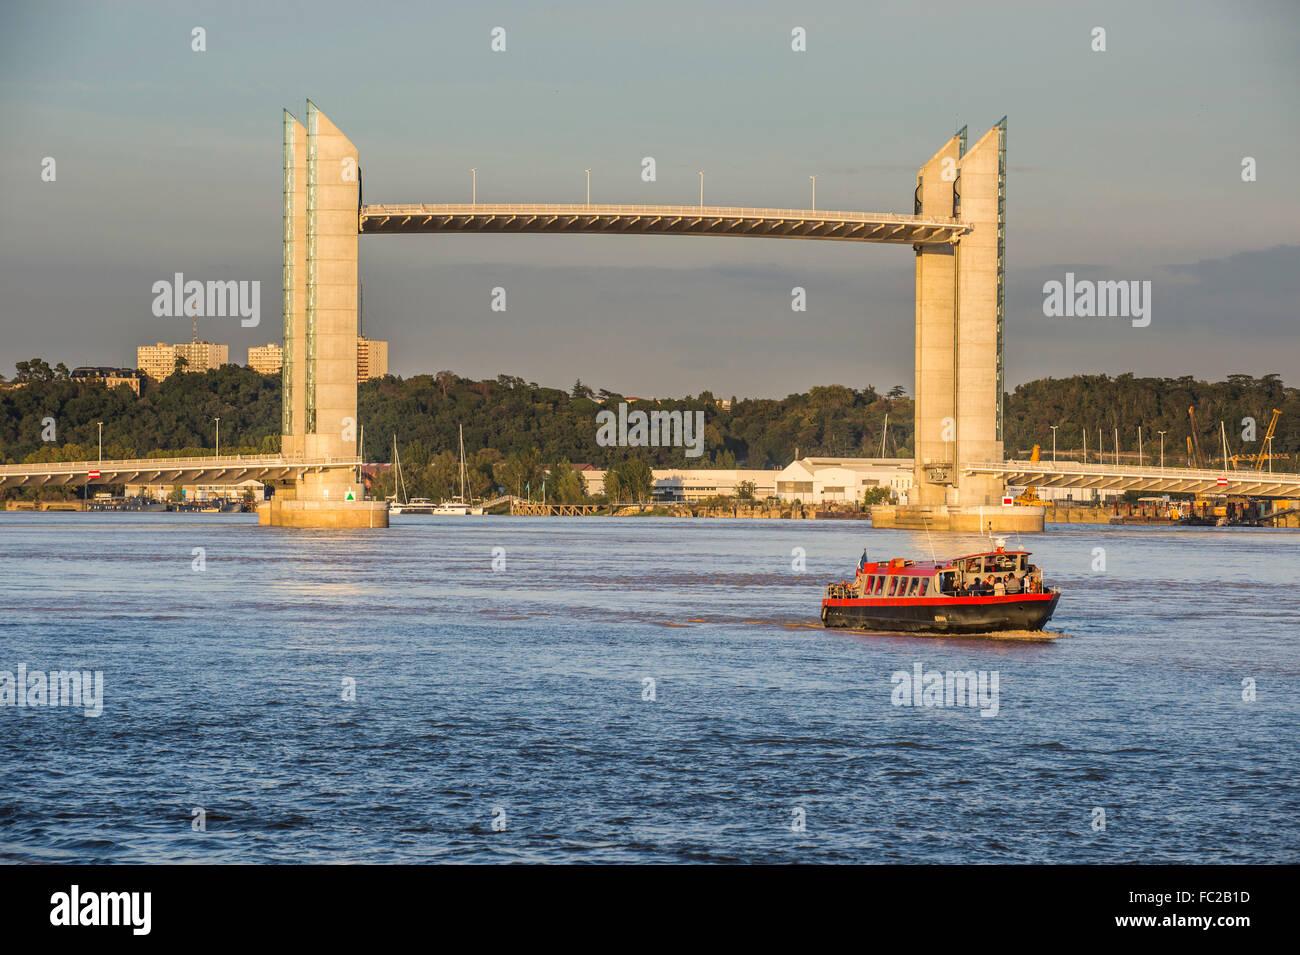 Pont Jacques Chaban-Delmas, vertical-lift bridge, Garonne river, Bordeaux, France - Stock Image